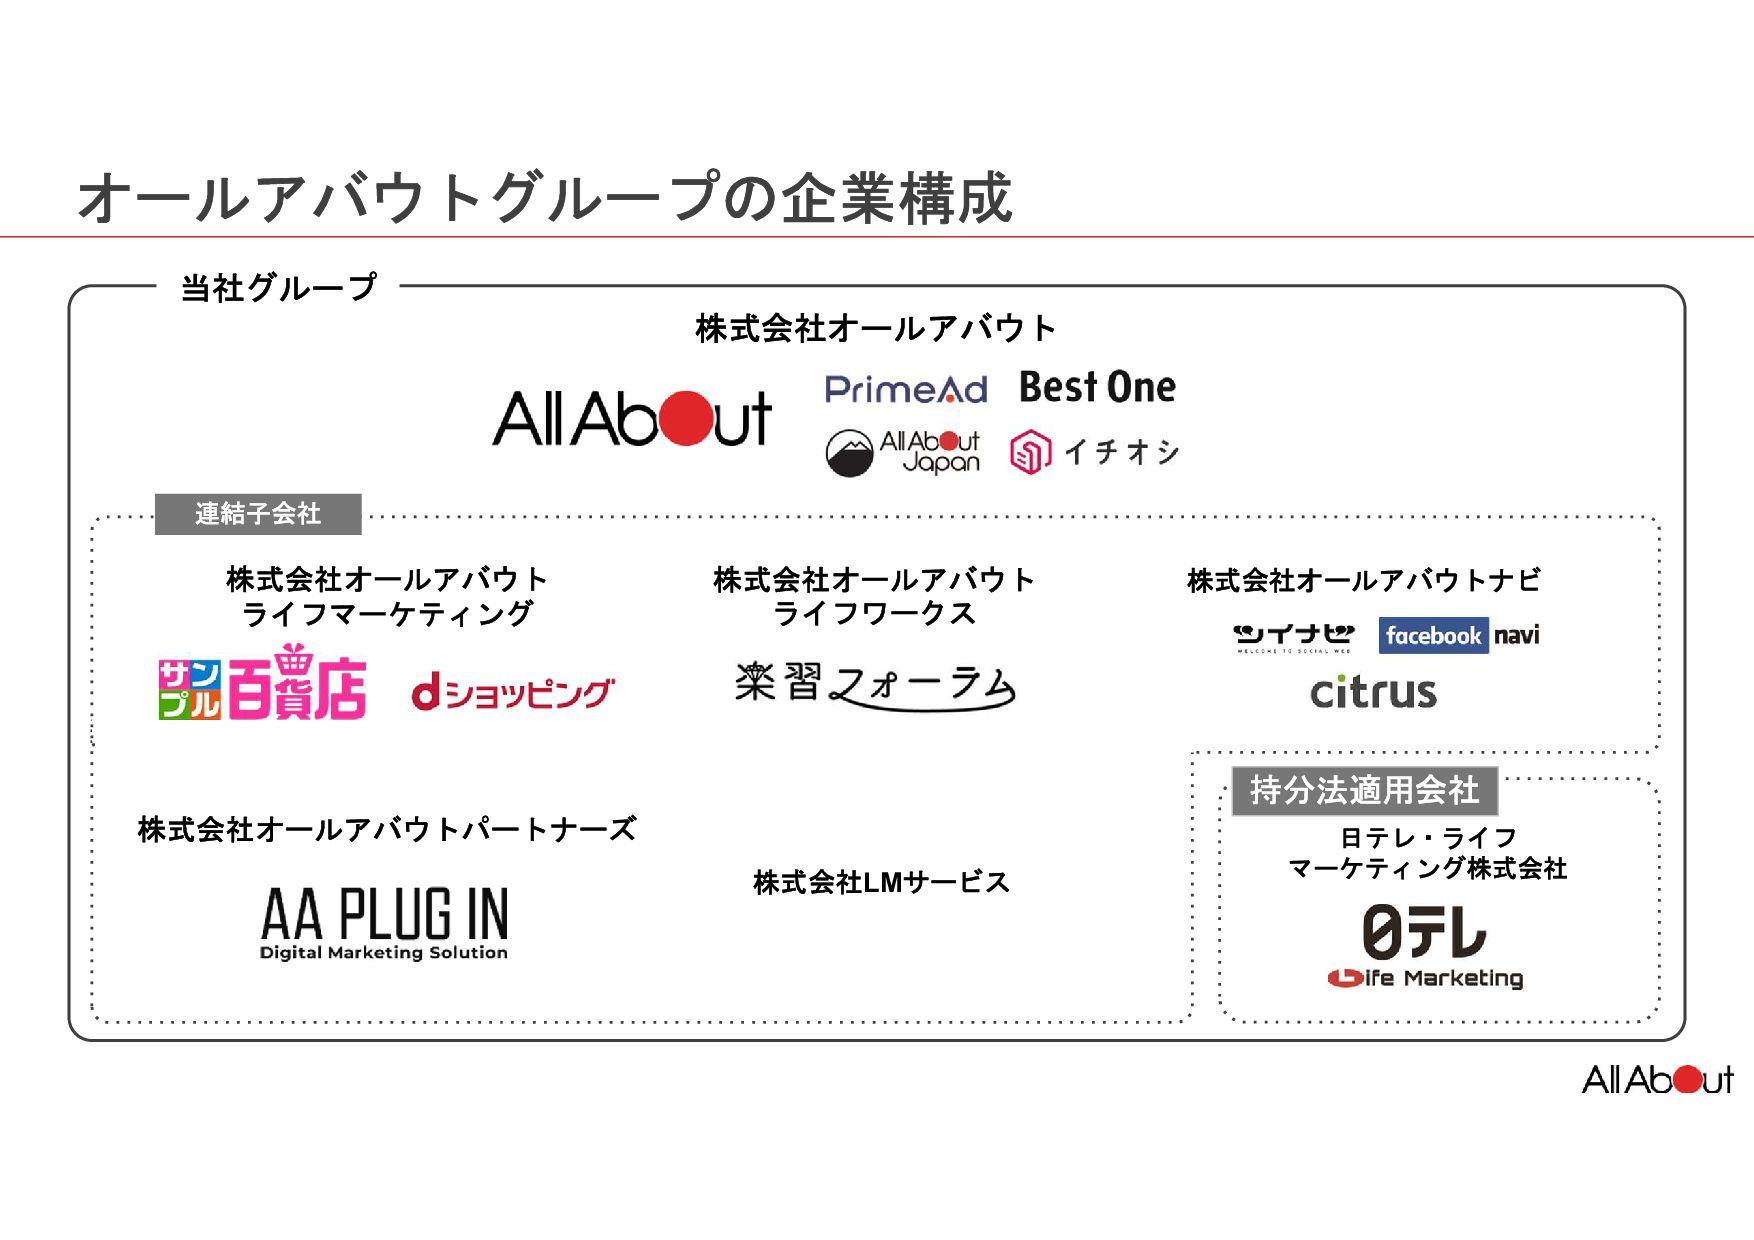 オールアバウトグループの企業構成 株式会社オールアバウト 連結子会社 ディー・エル・ マーケッ...